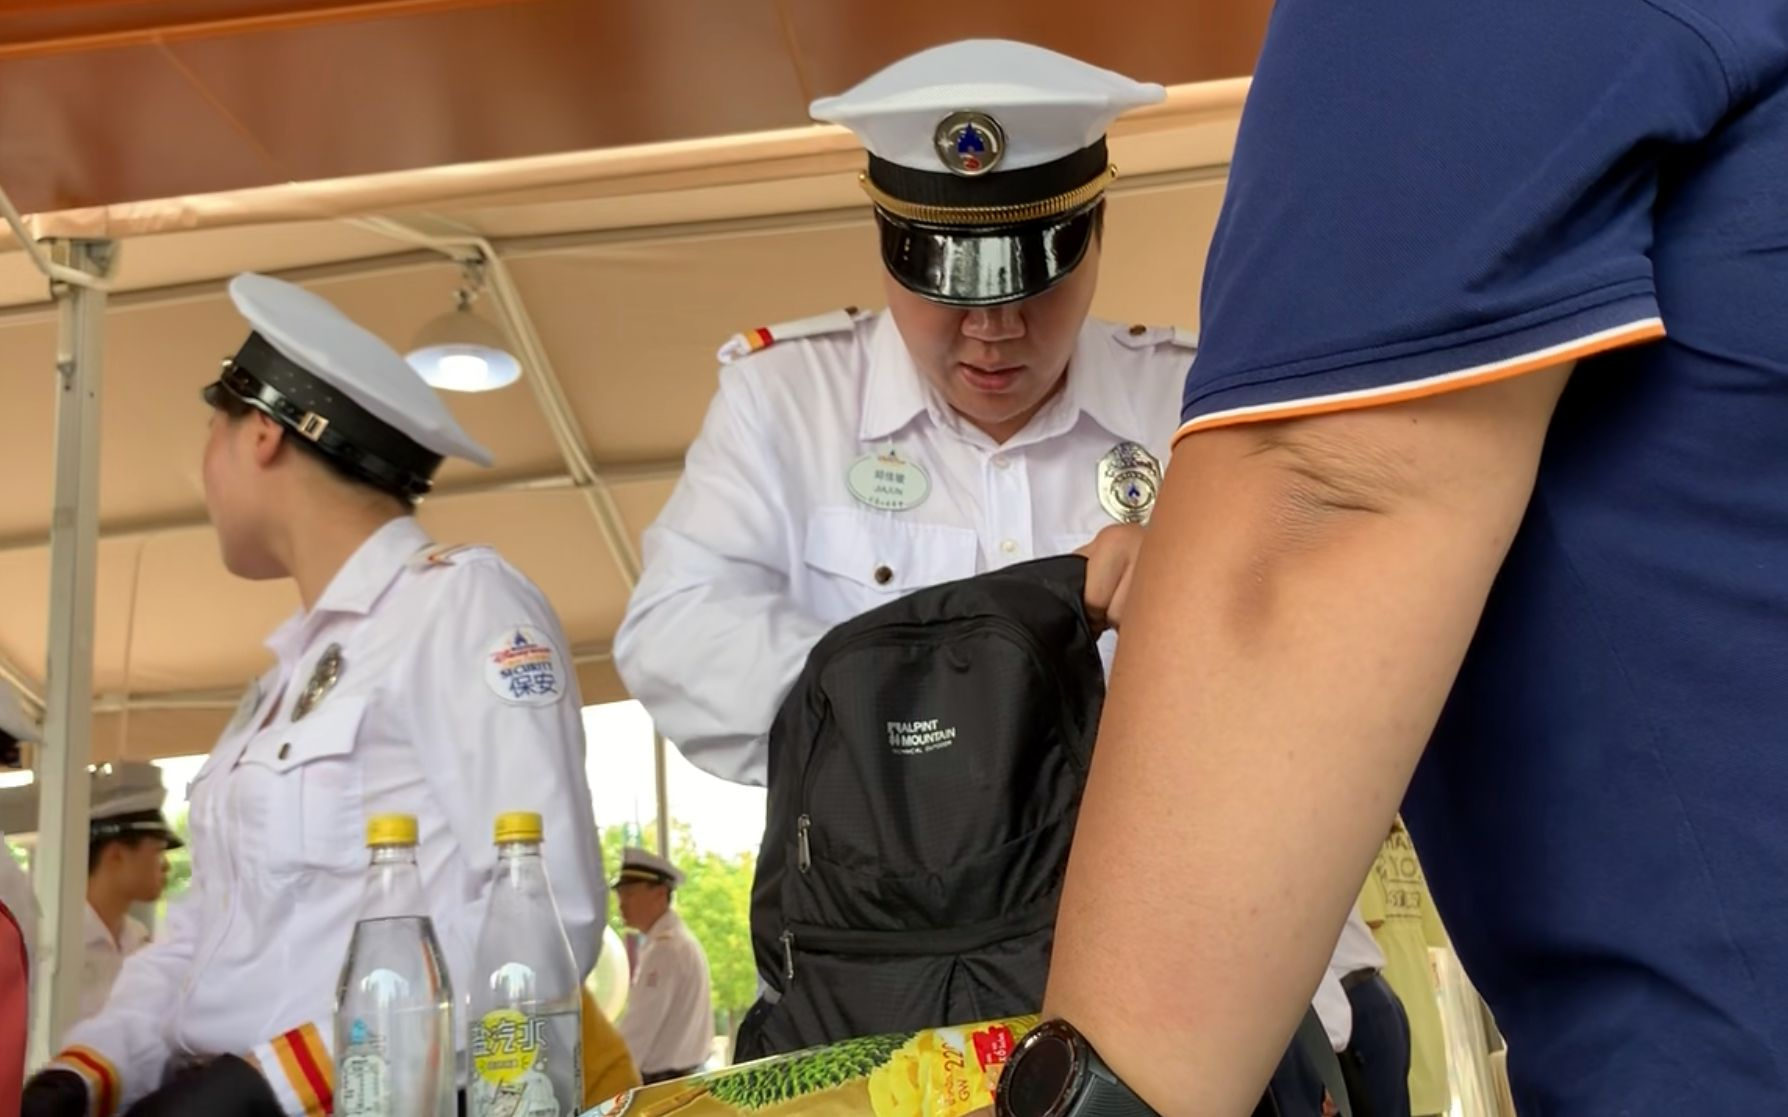 安检人员正在进行人工包检。 新京报记者 常卓瑾 摄